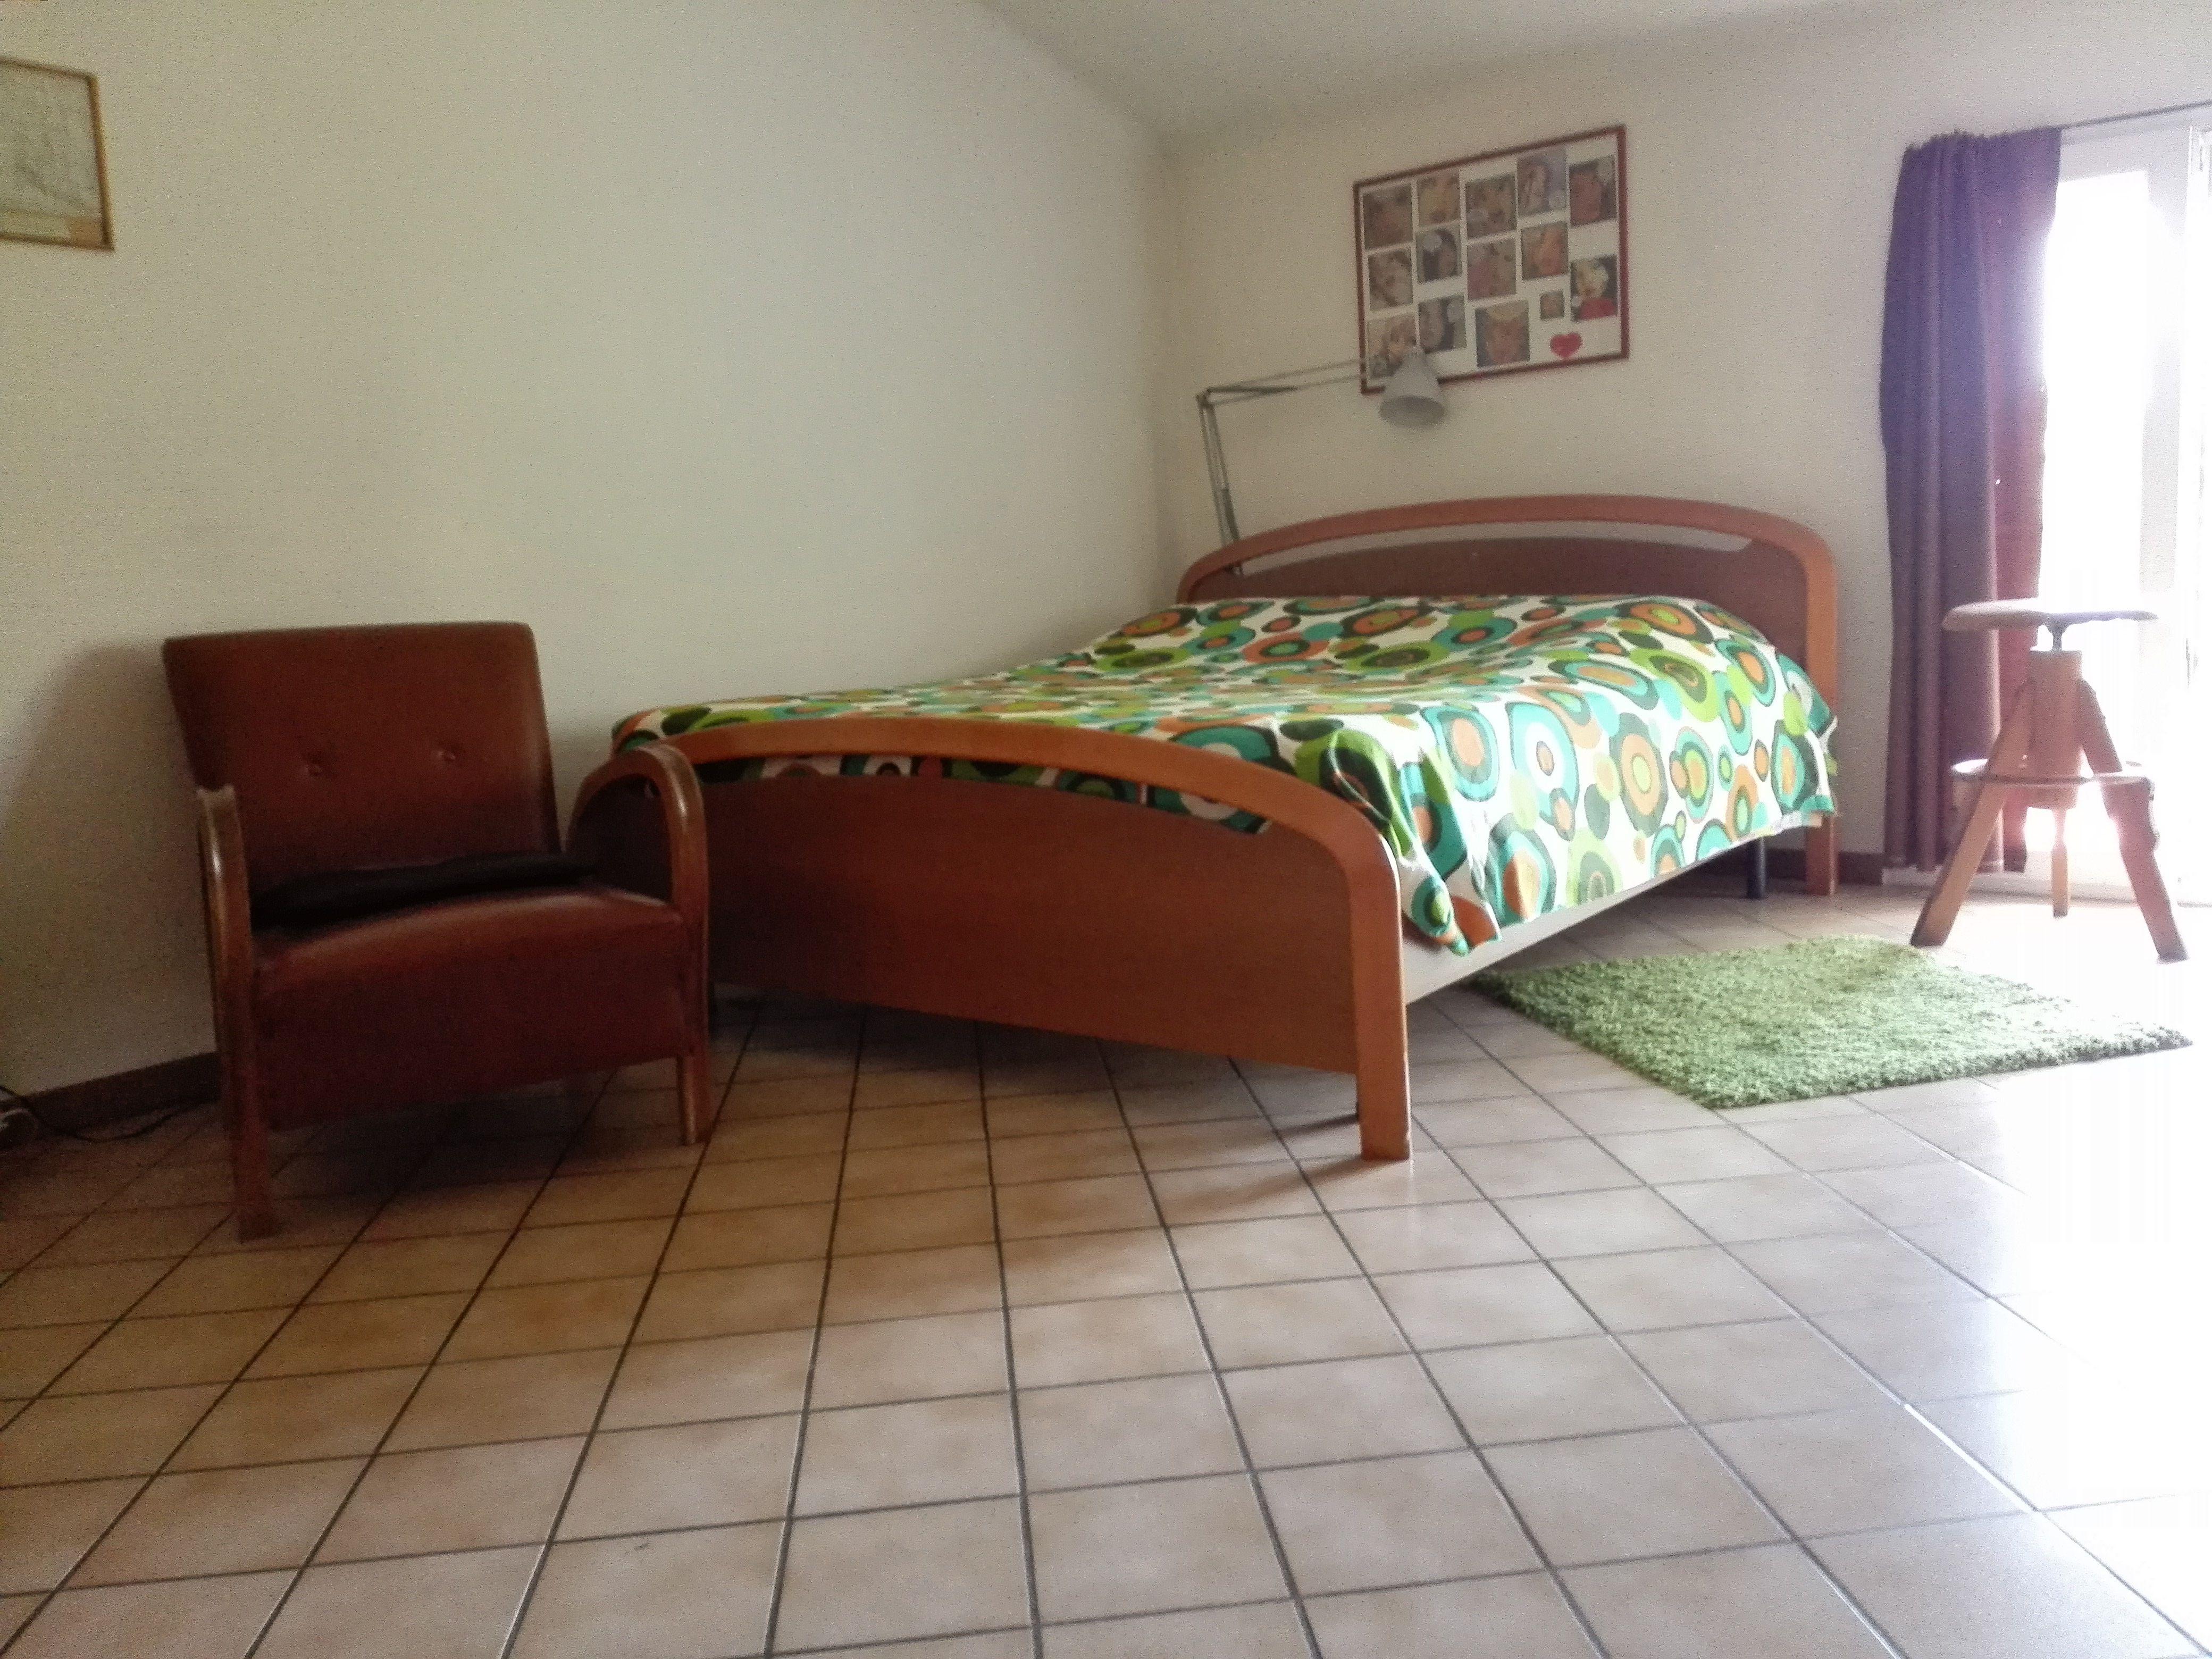 Apartamento hogareño para 2 personas en Bolonia